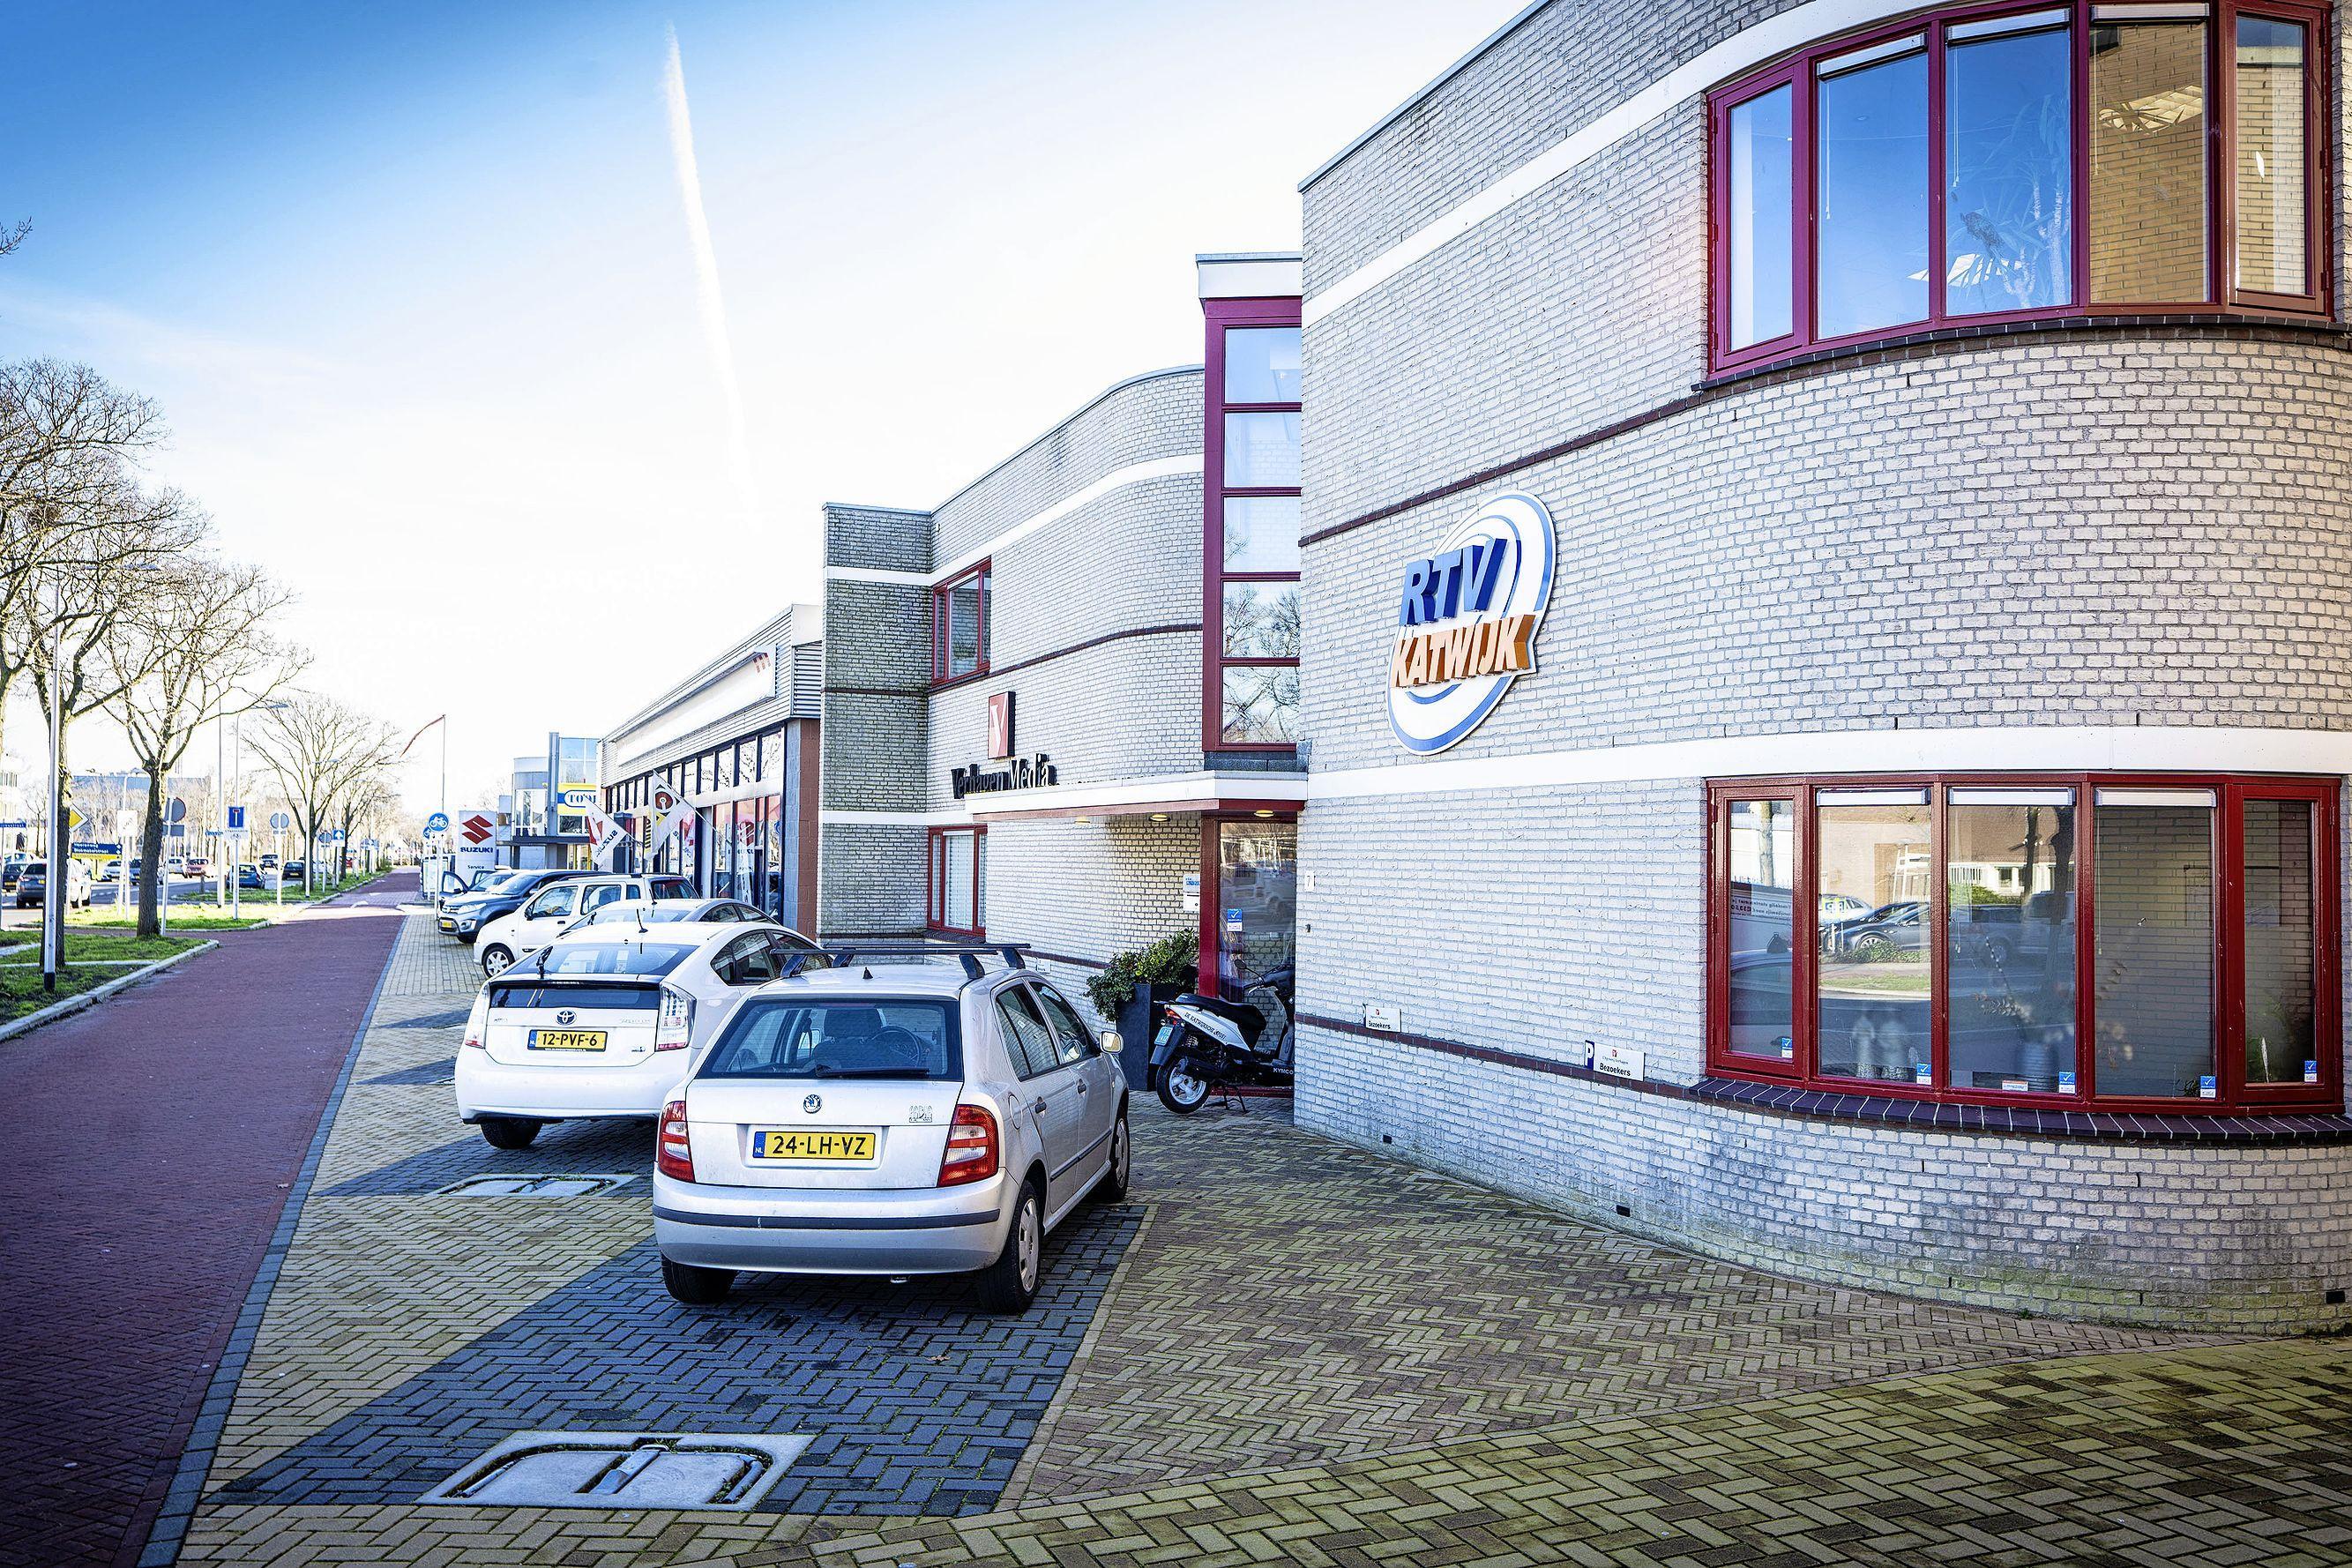 RTV Katwijk probeert met extra algemene ledenvergadering vorming streekomroep te redden: 'We zitten in een spagaat'